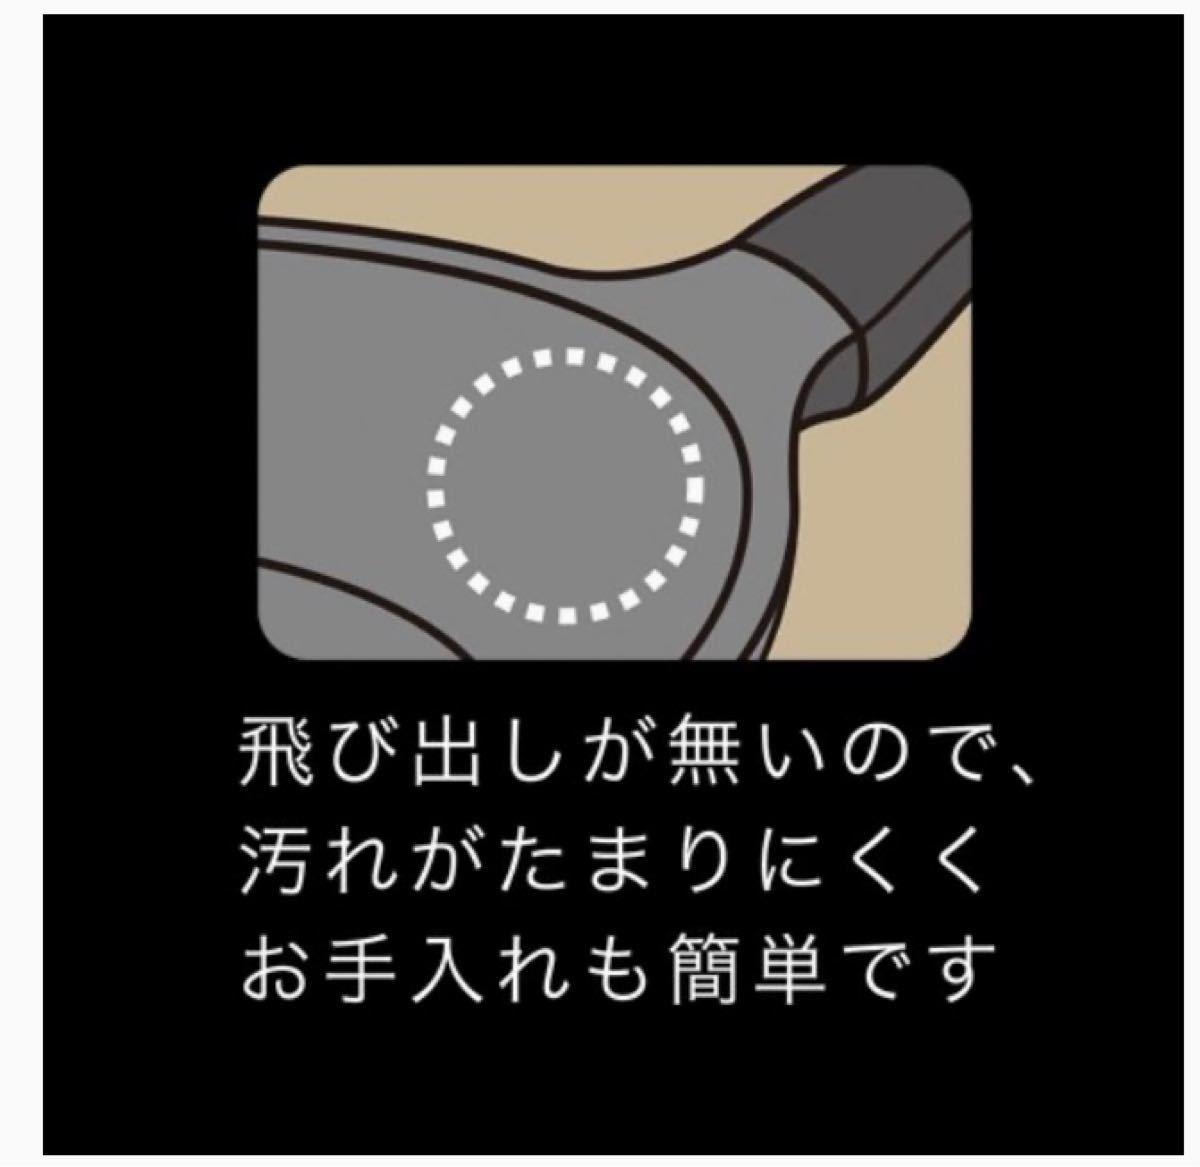 和平フレイズ(Waheifreiz) フライパン  ライトコート 30cm軽量タイプ  ガス火専用 オレンジ×ブラック 新品